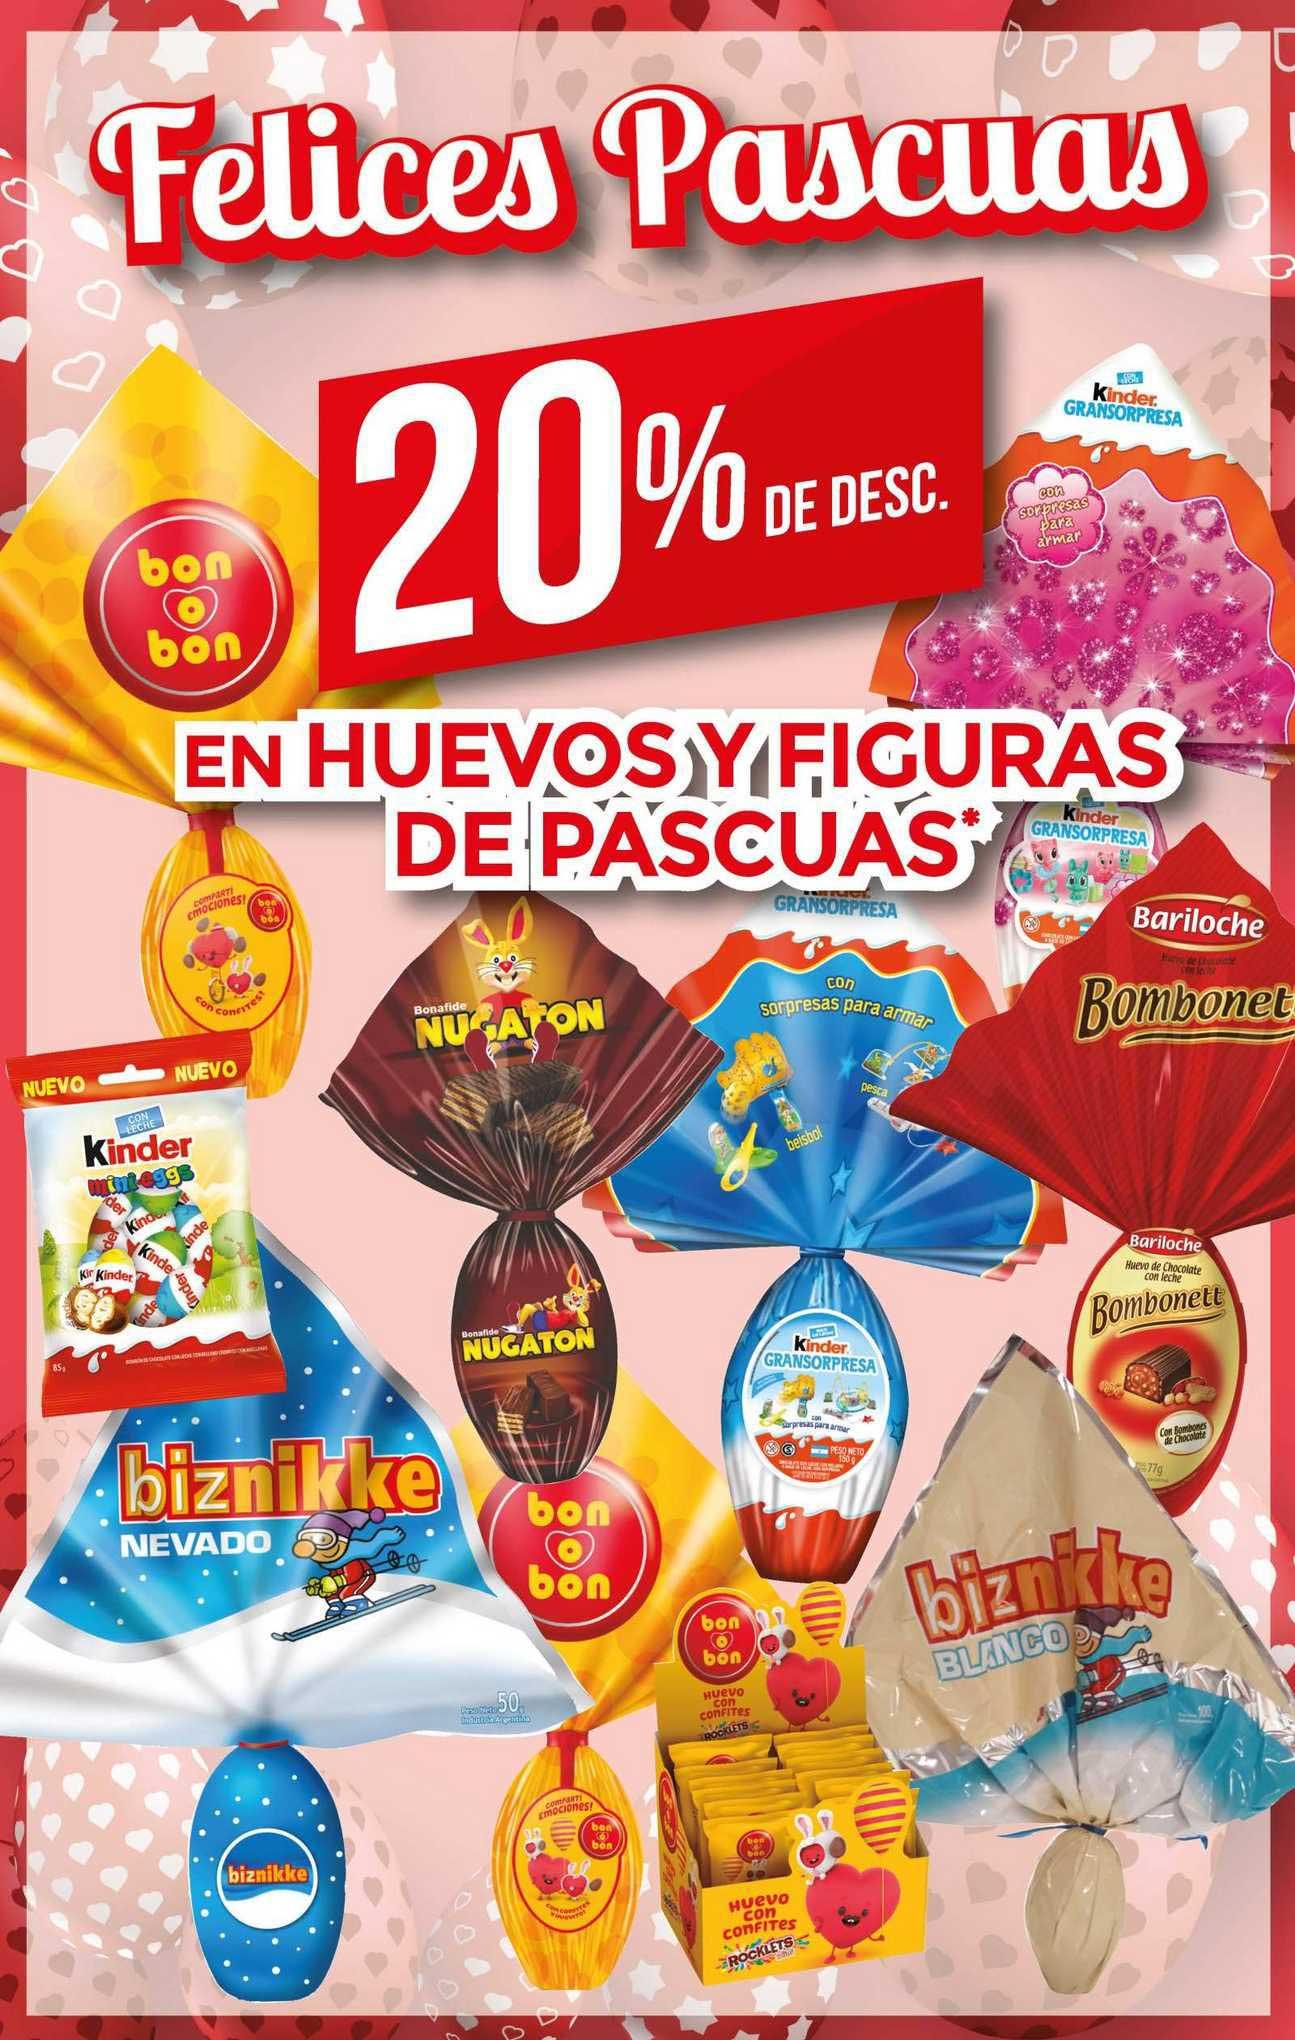 Supermercados DIA En Huevos Y Figuras De Pascuas